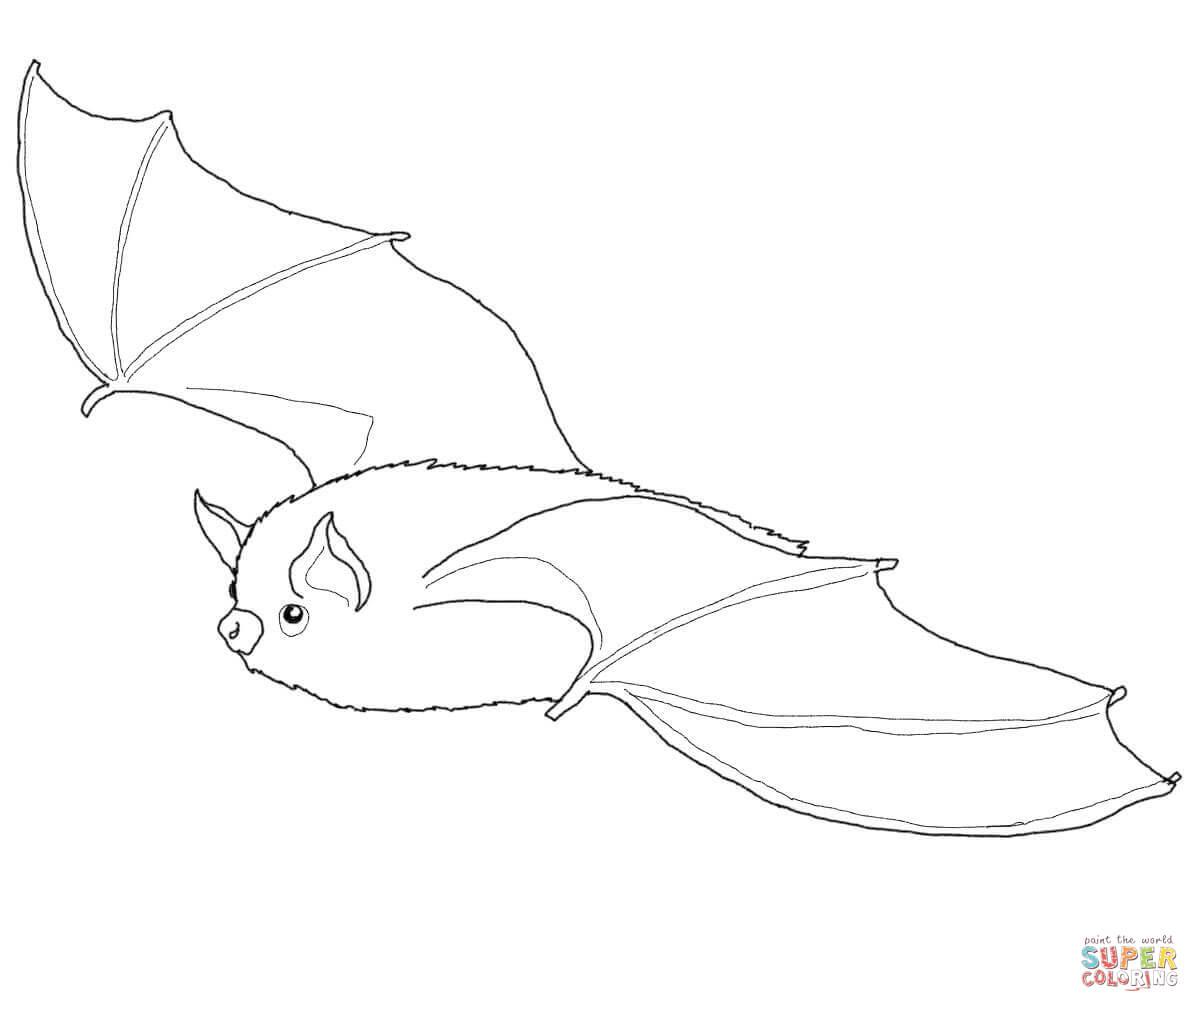 Bat coloring #2, Download drawings